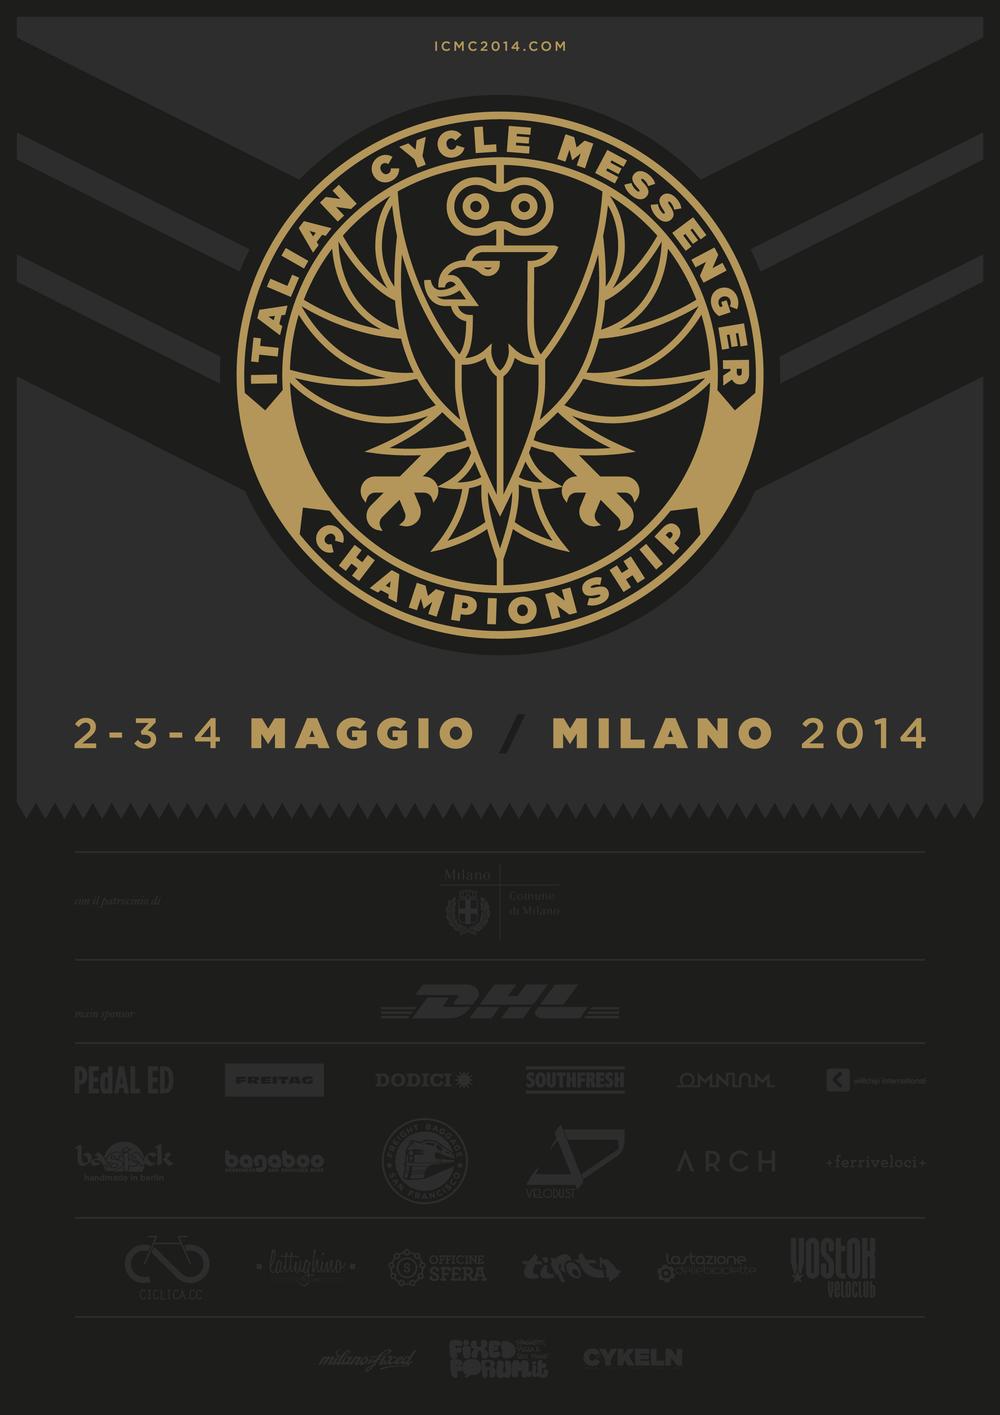 Ciao, Siamo orgogliosi di annunciare i primi campionati italiani per bike messenger, gli ICMC. L'evento sarà a Milano il 2 - 3 - 4 Maggio, sul sito ufficialeicmc2014.com,si trovano tutte le informazioni e il calendario completo dei 3 giorni di eventi. In allegato troverete il web flyer ufficiale per l'evento. Cordiali Saluti, ICMC Staff